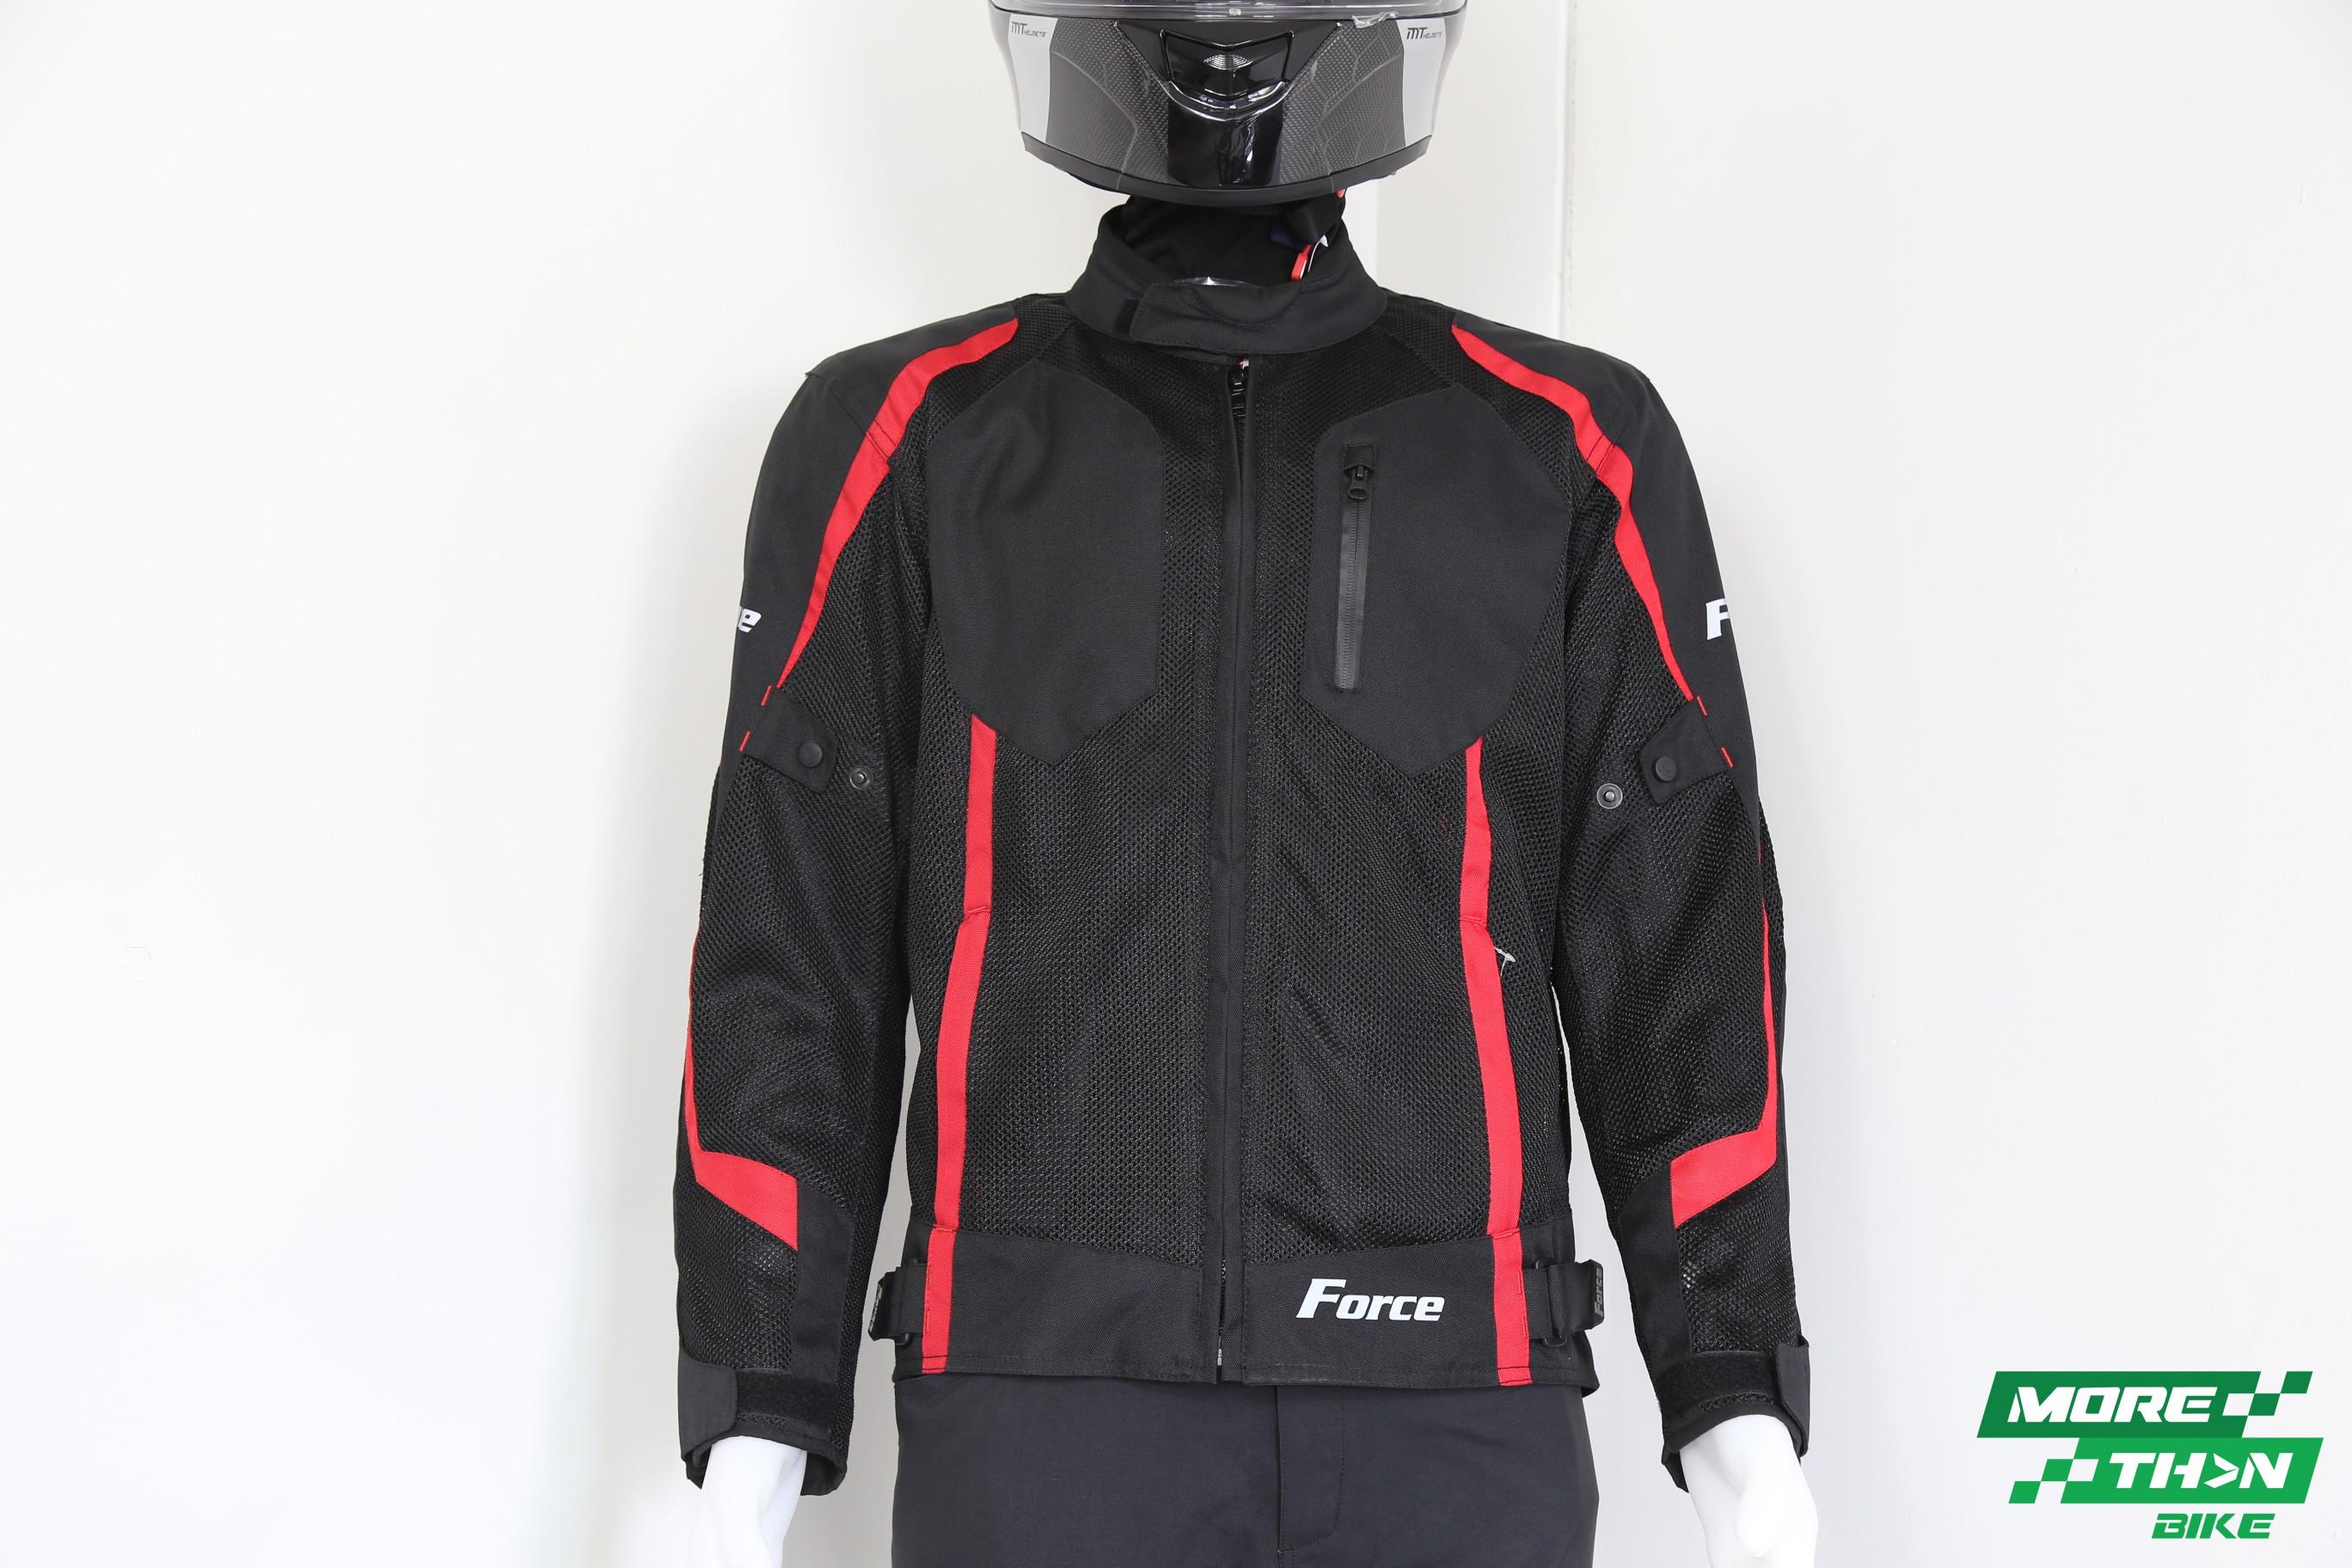 force-jacket-blade-1